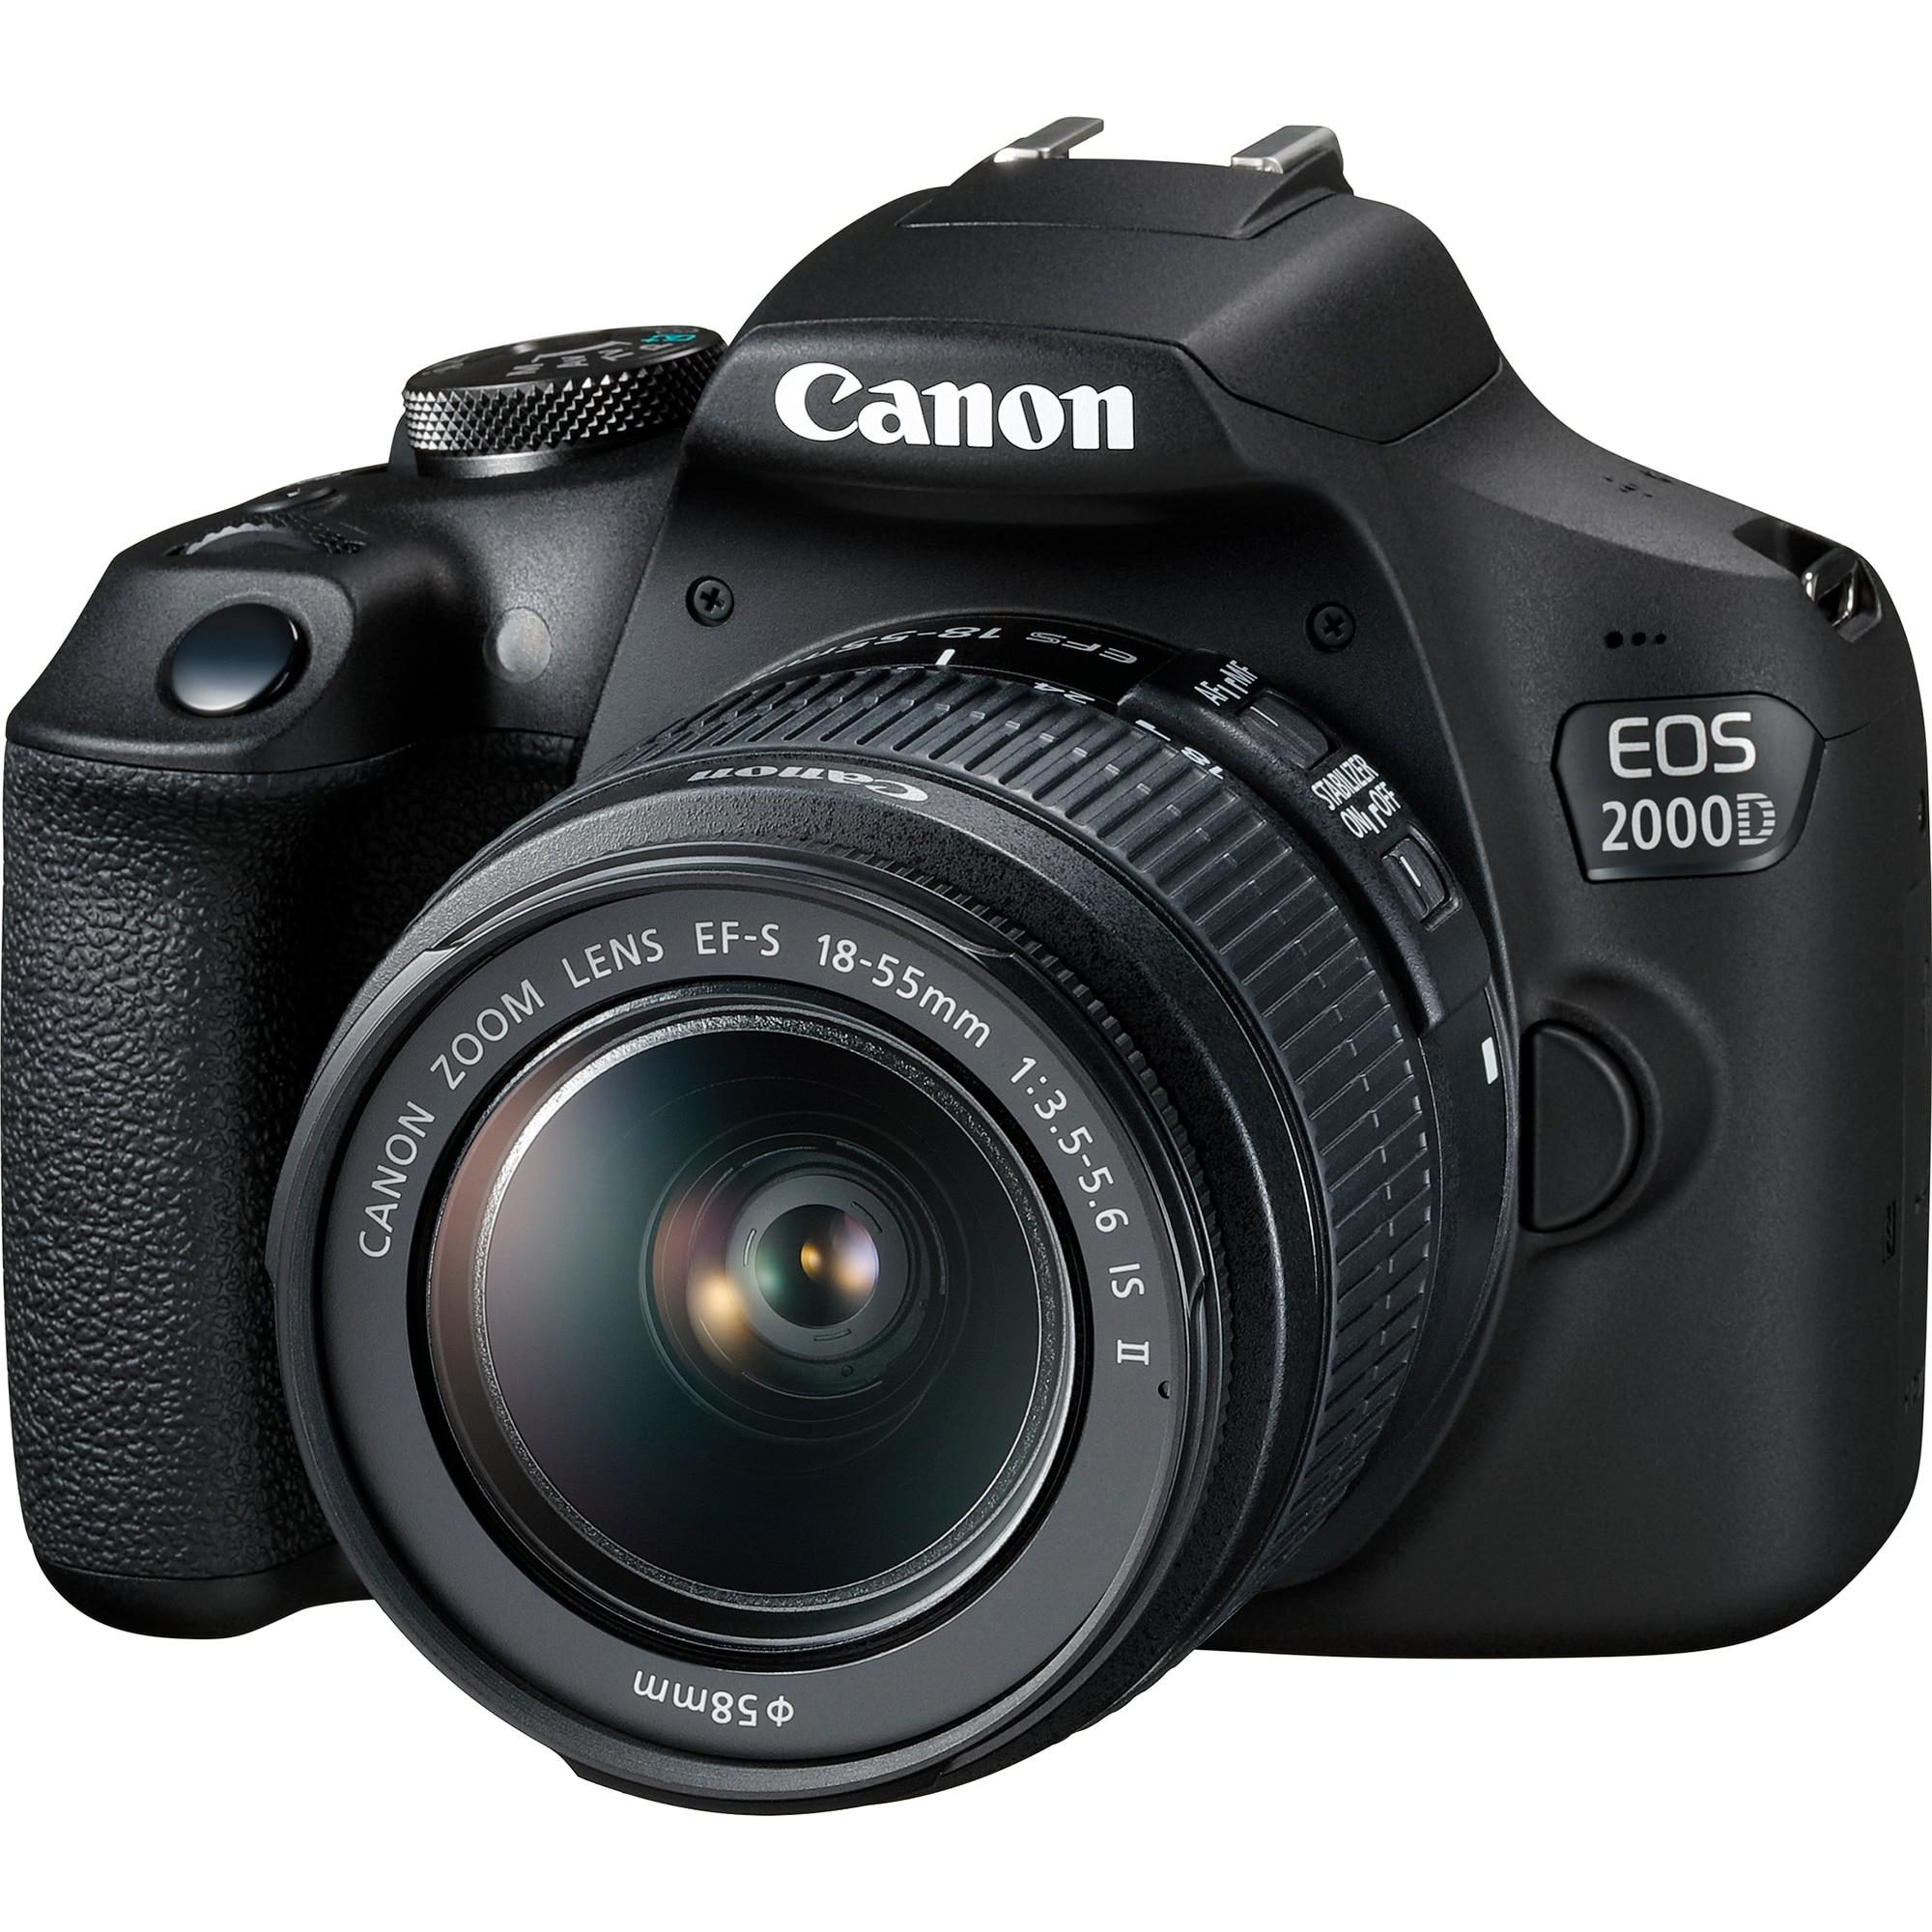 Fotografie Aparat foto DSLR Canon EOS 2000D,24.1 MP, Negru + Obiectiv EF-S 18-55mm IS II